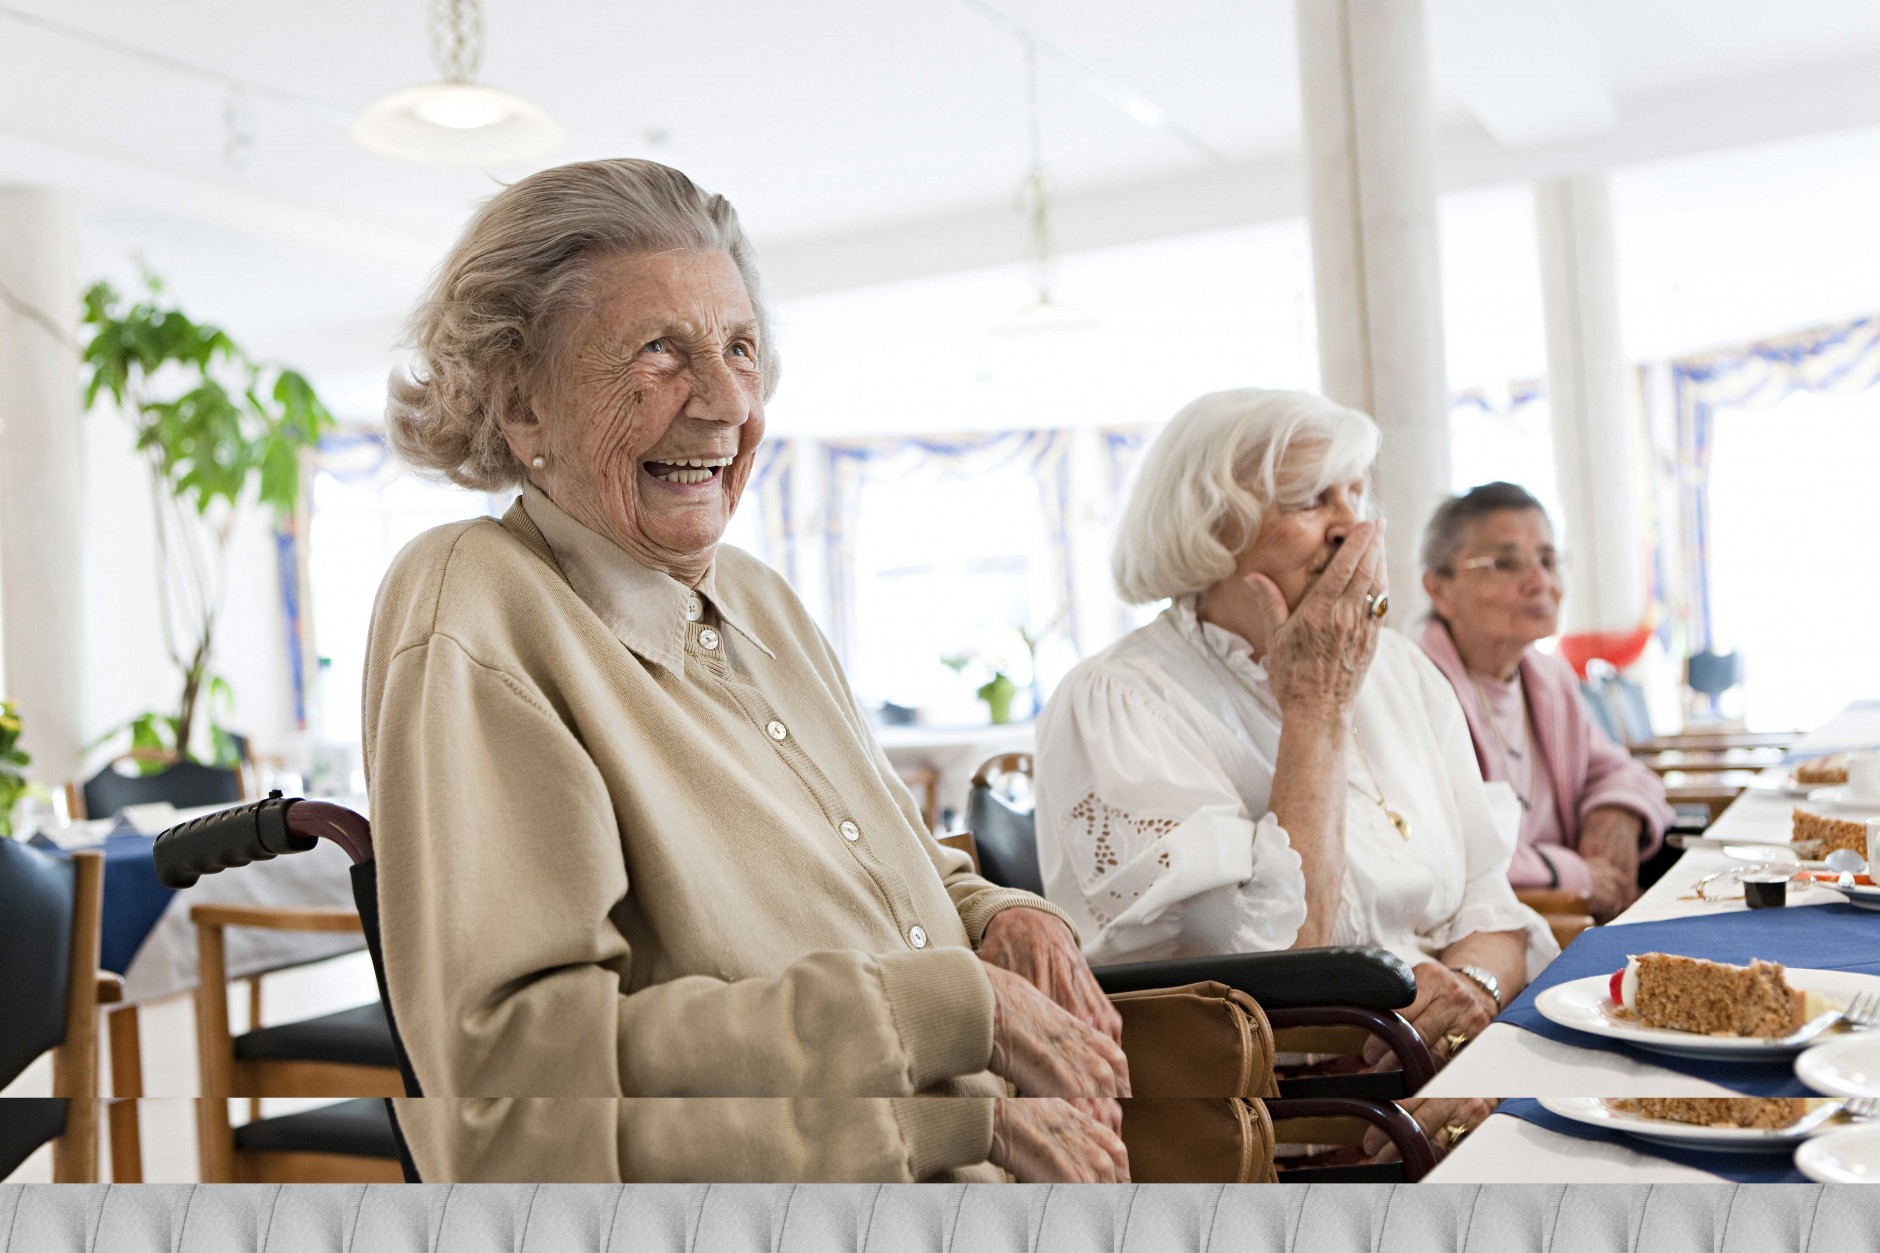 Kaffeekränzchen von Dominik Obertreis für Dana Seniorenresidenz